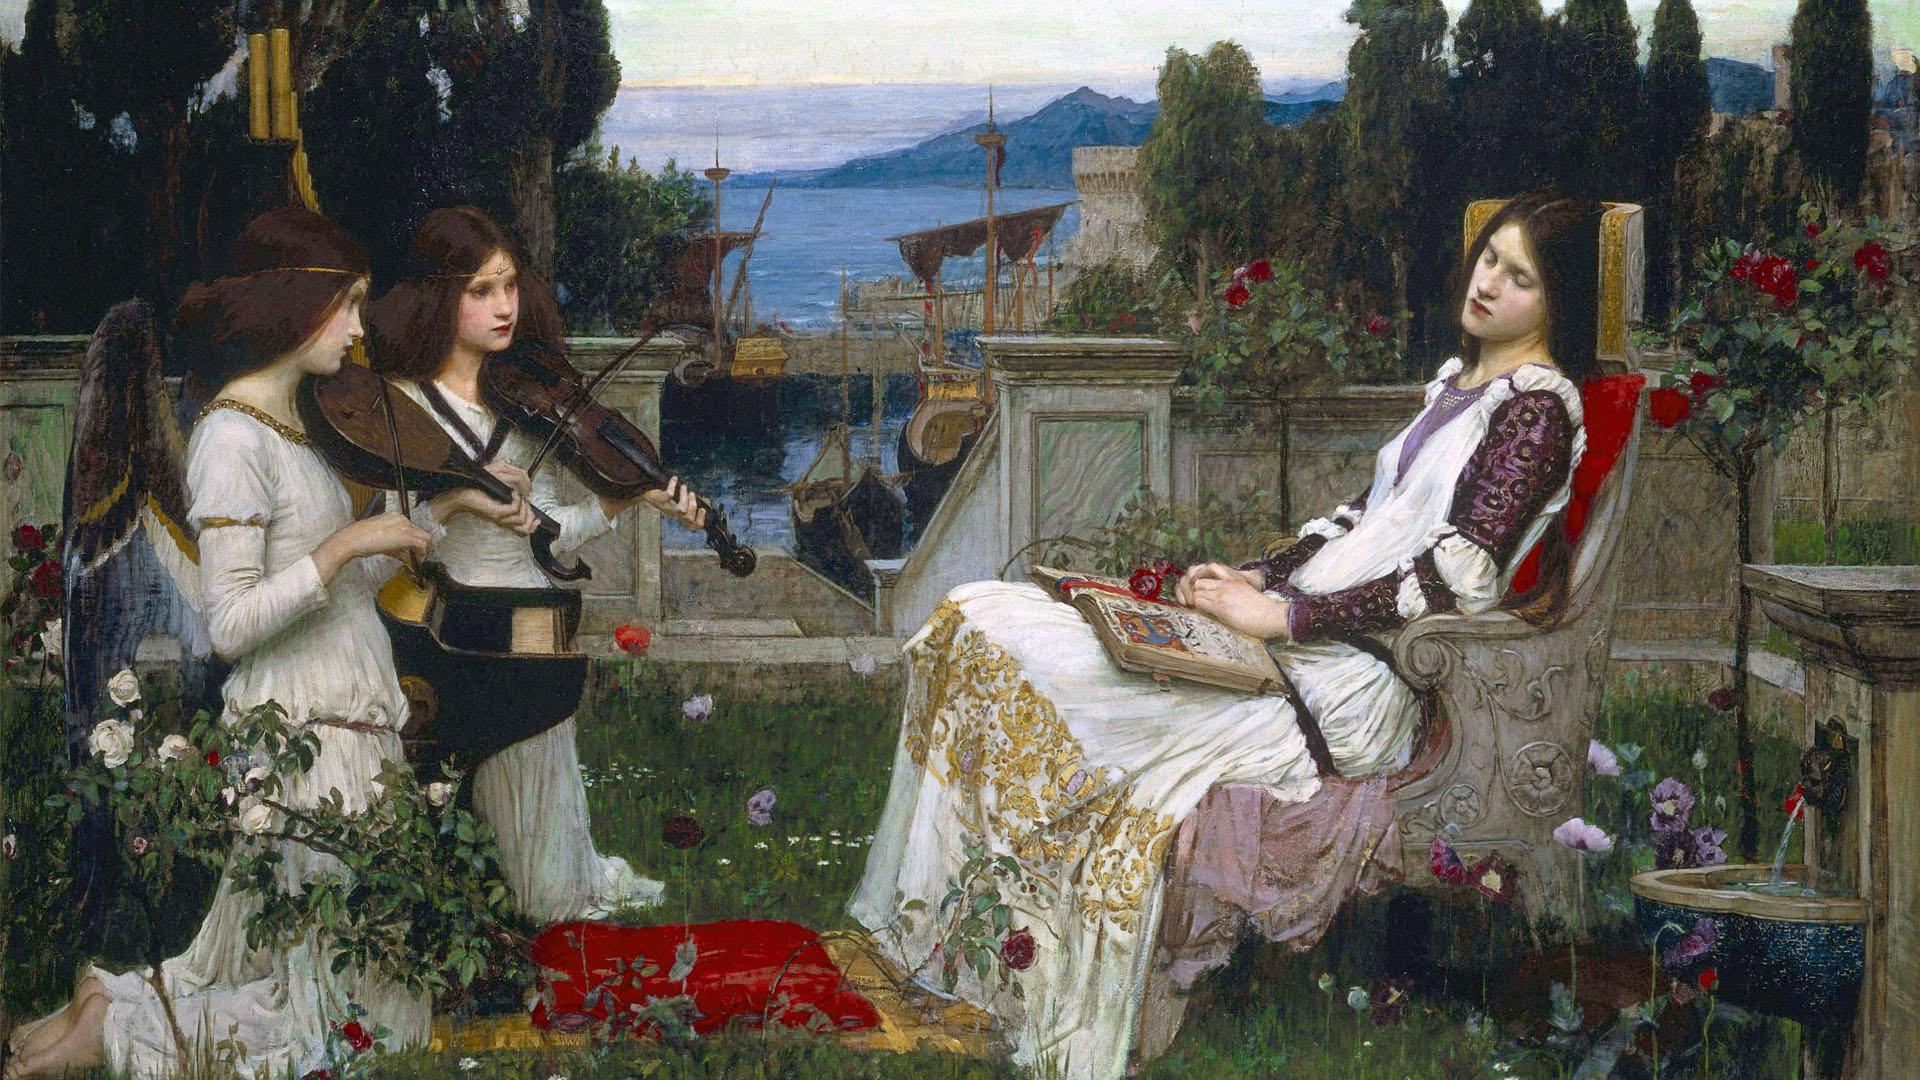 ウォーターハウス 聖セシリア John William Waterhouse - Saint Cecilia 1920x1080